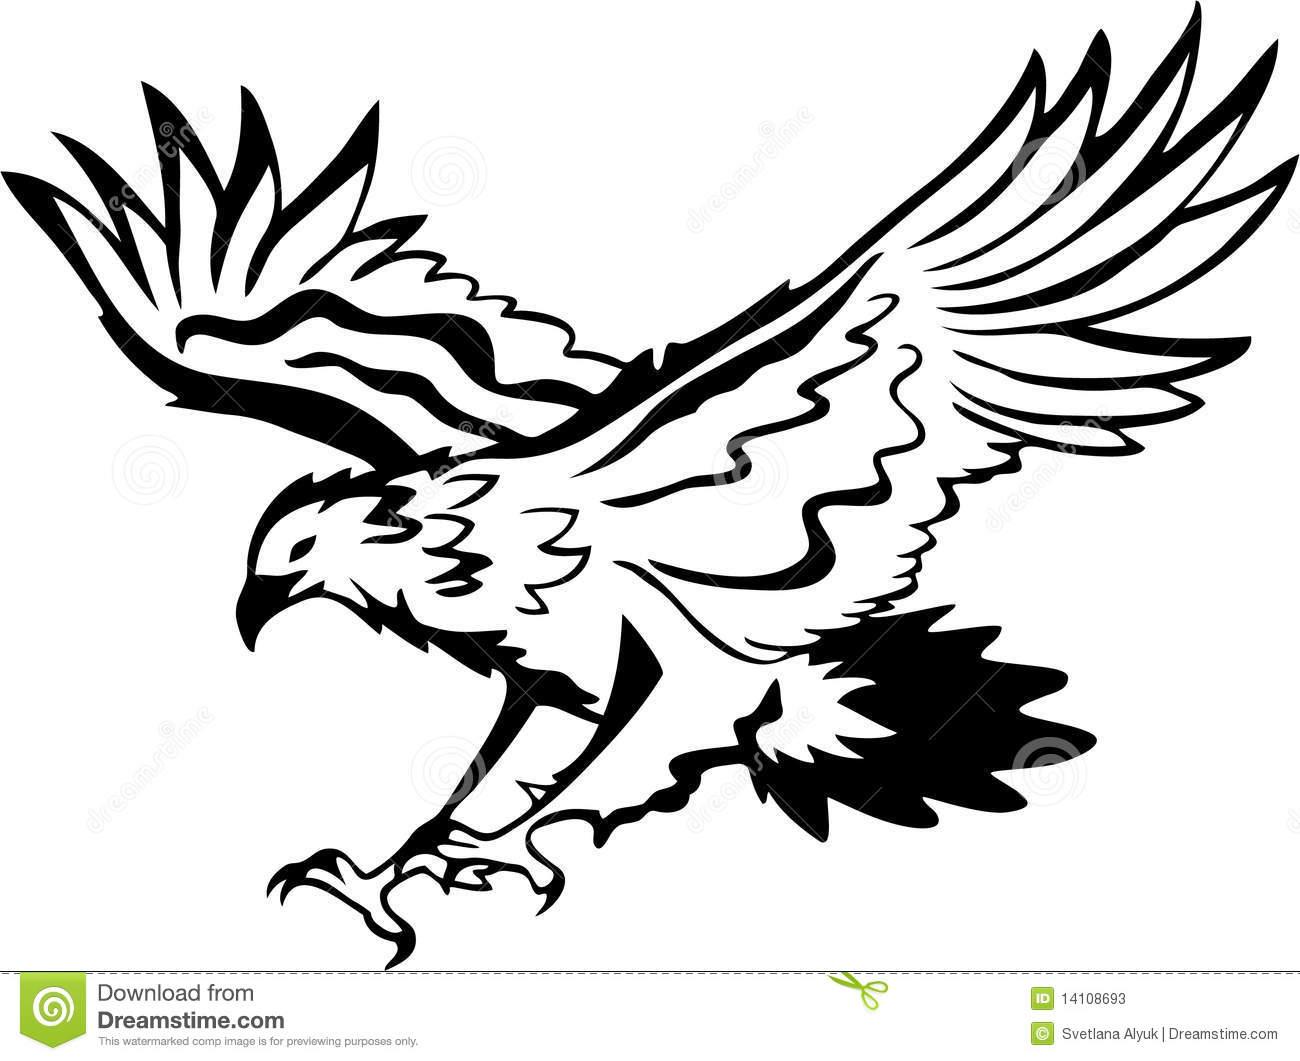 Adler Free Clipart.